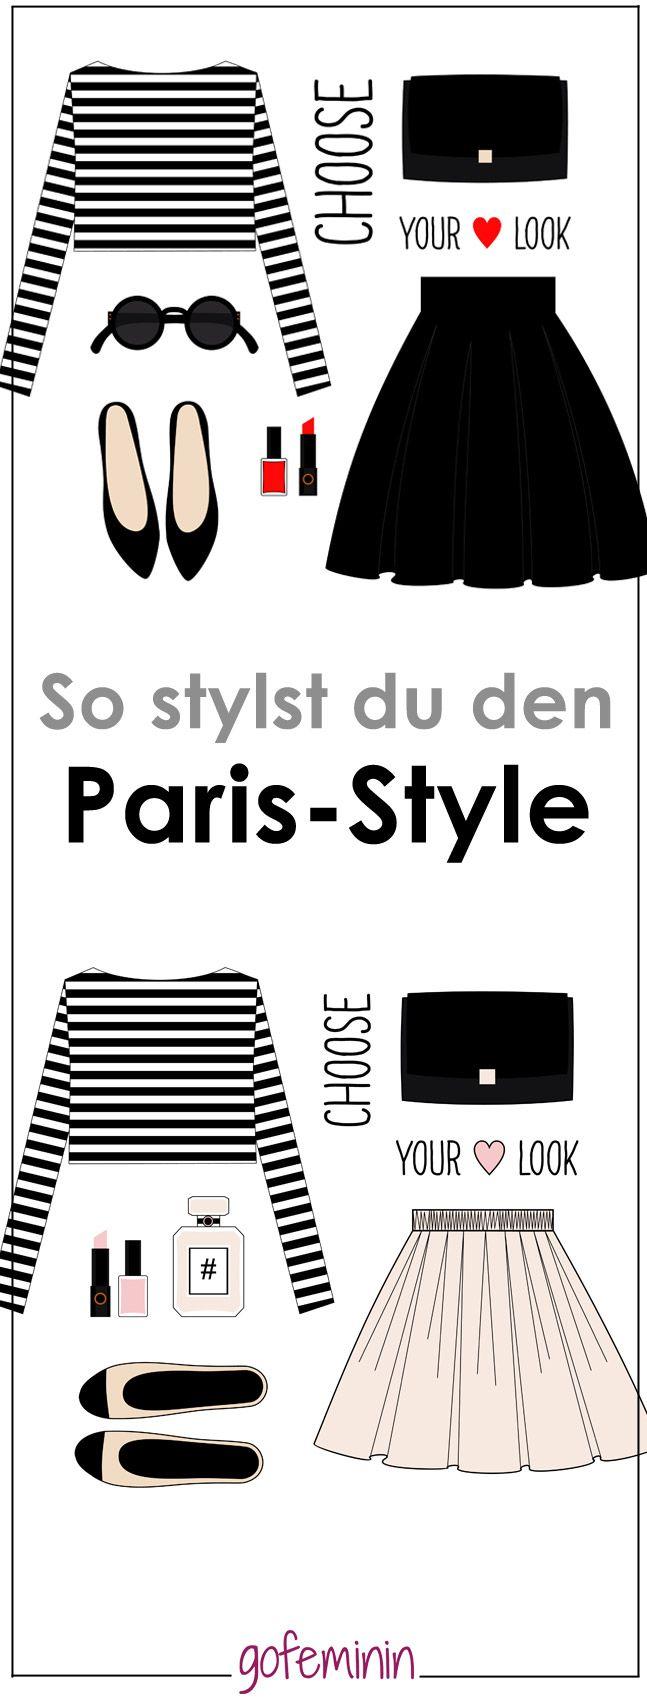 Tres chic, der Paris Style! Alle Styling-Geheimnisse der Französinnen!